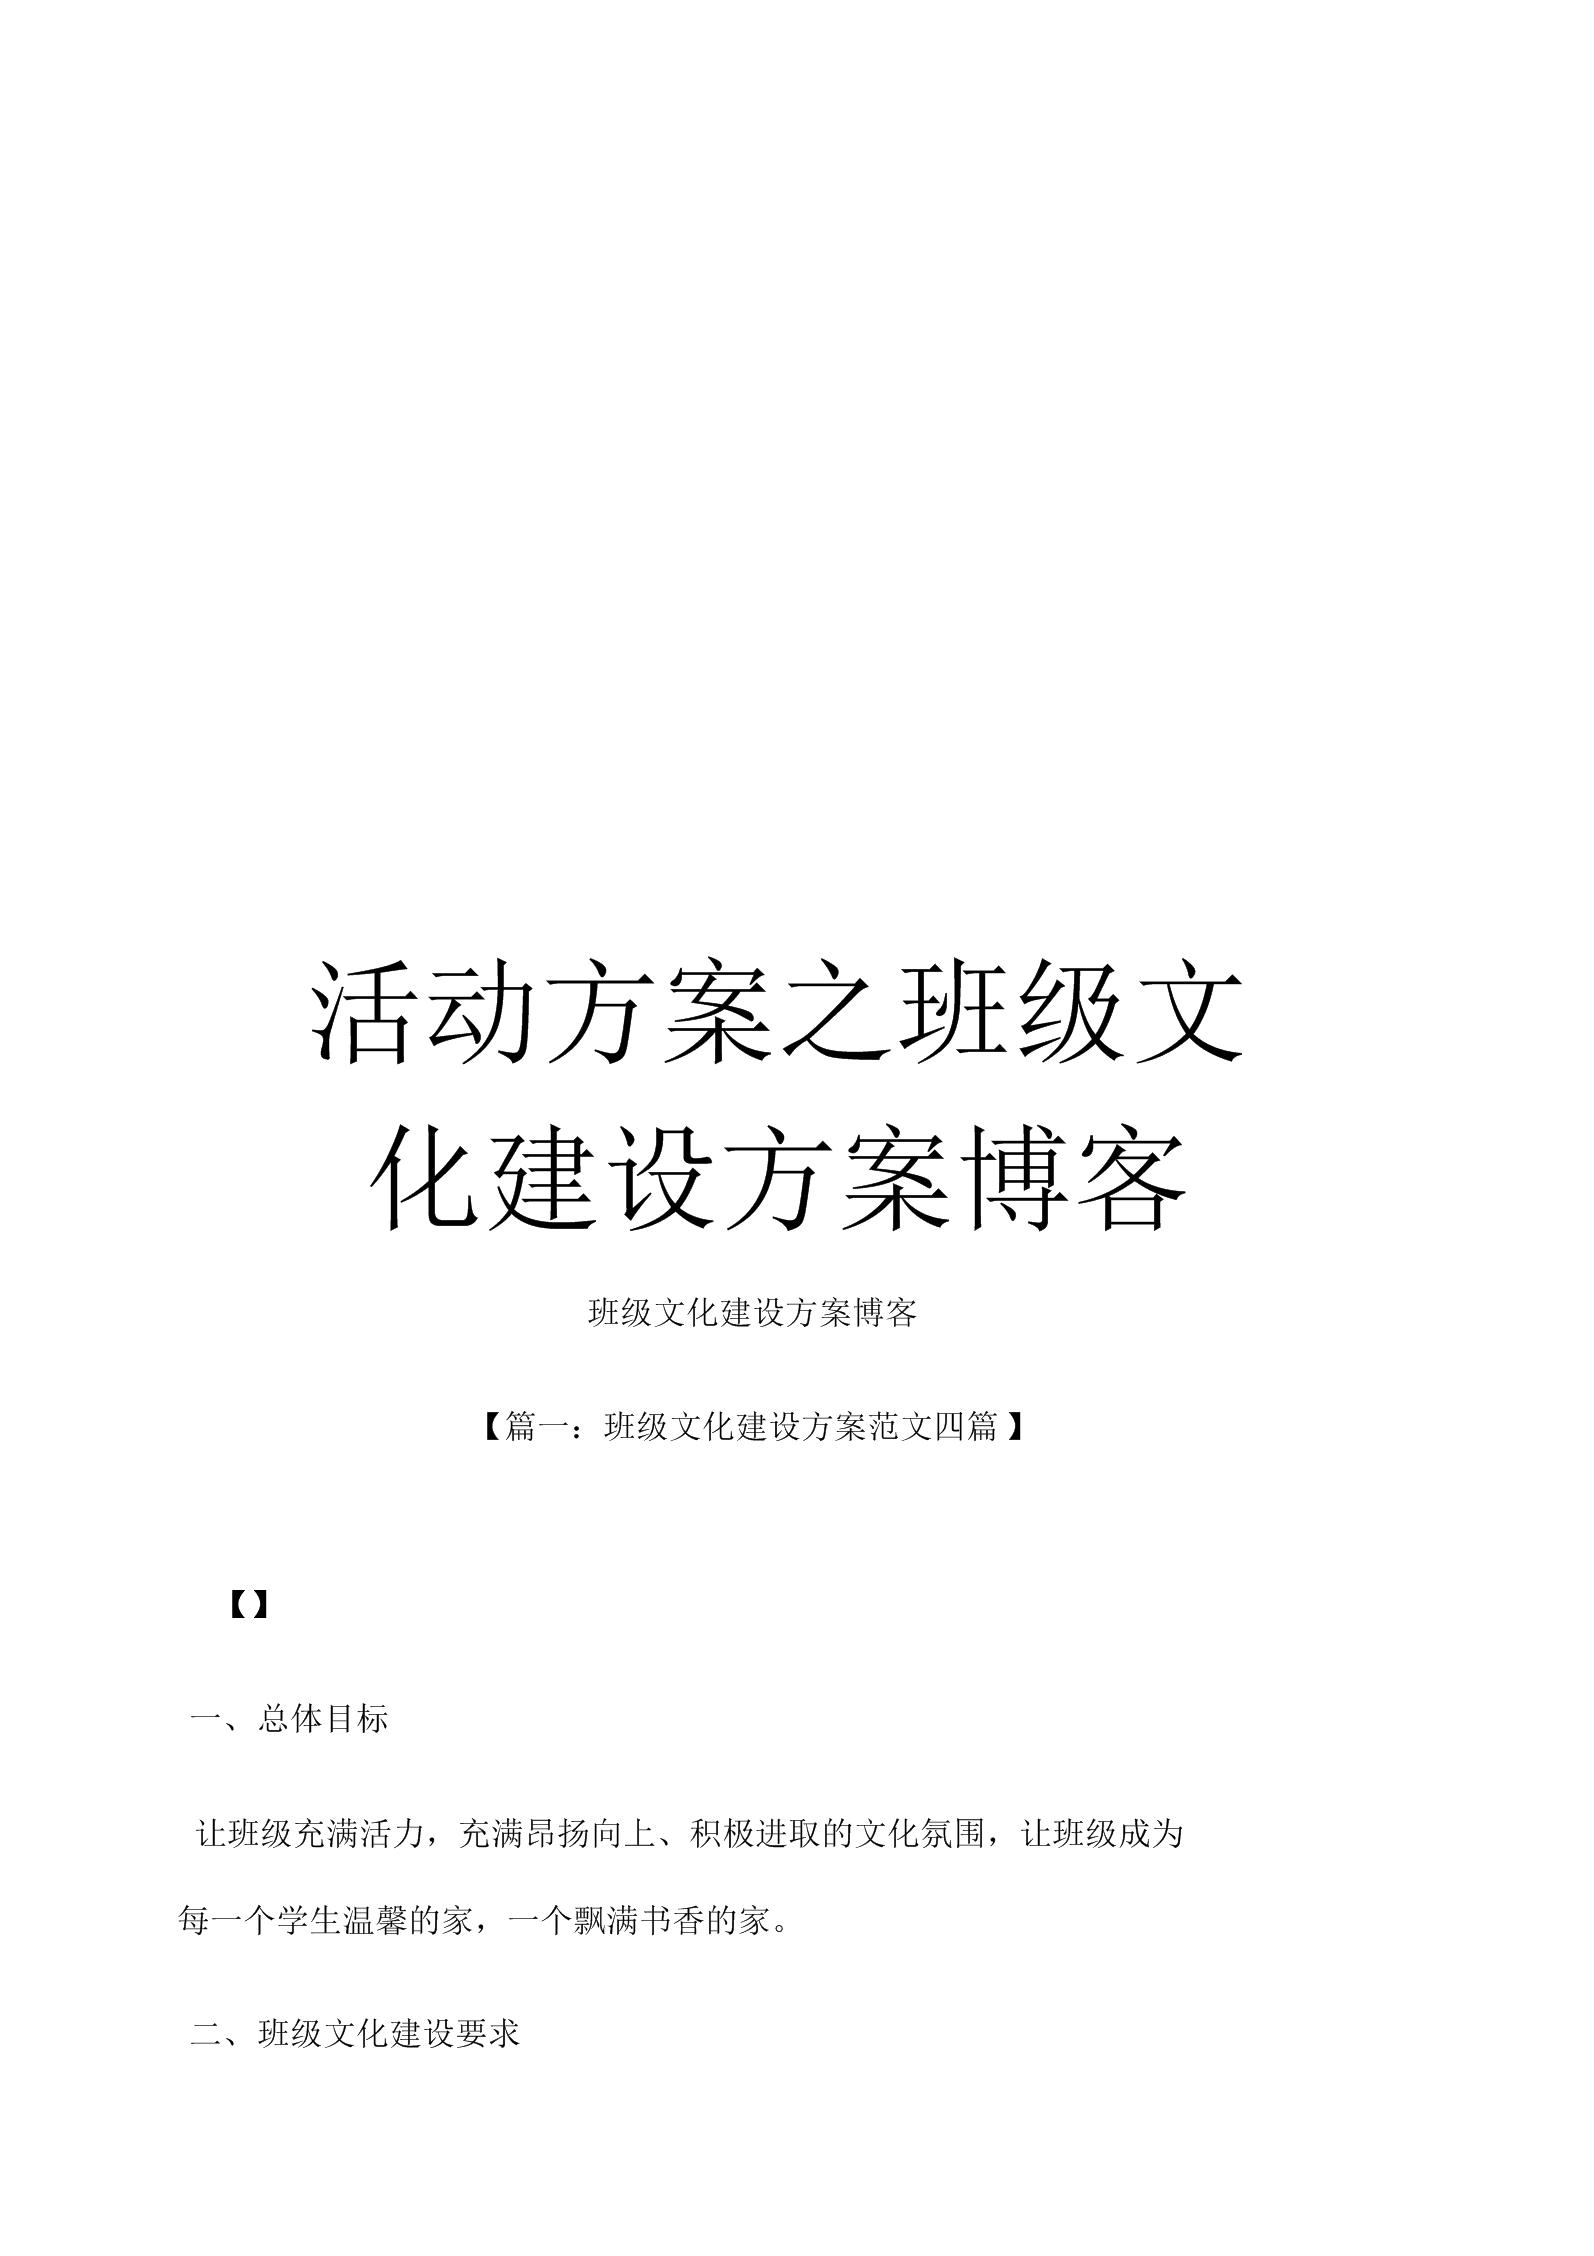 《活动方案之班级文化建设方案博客》.docx